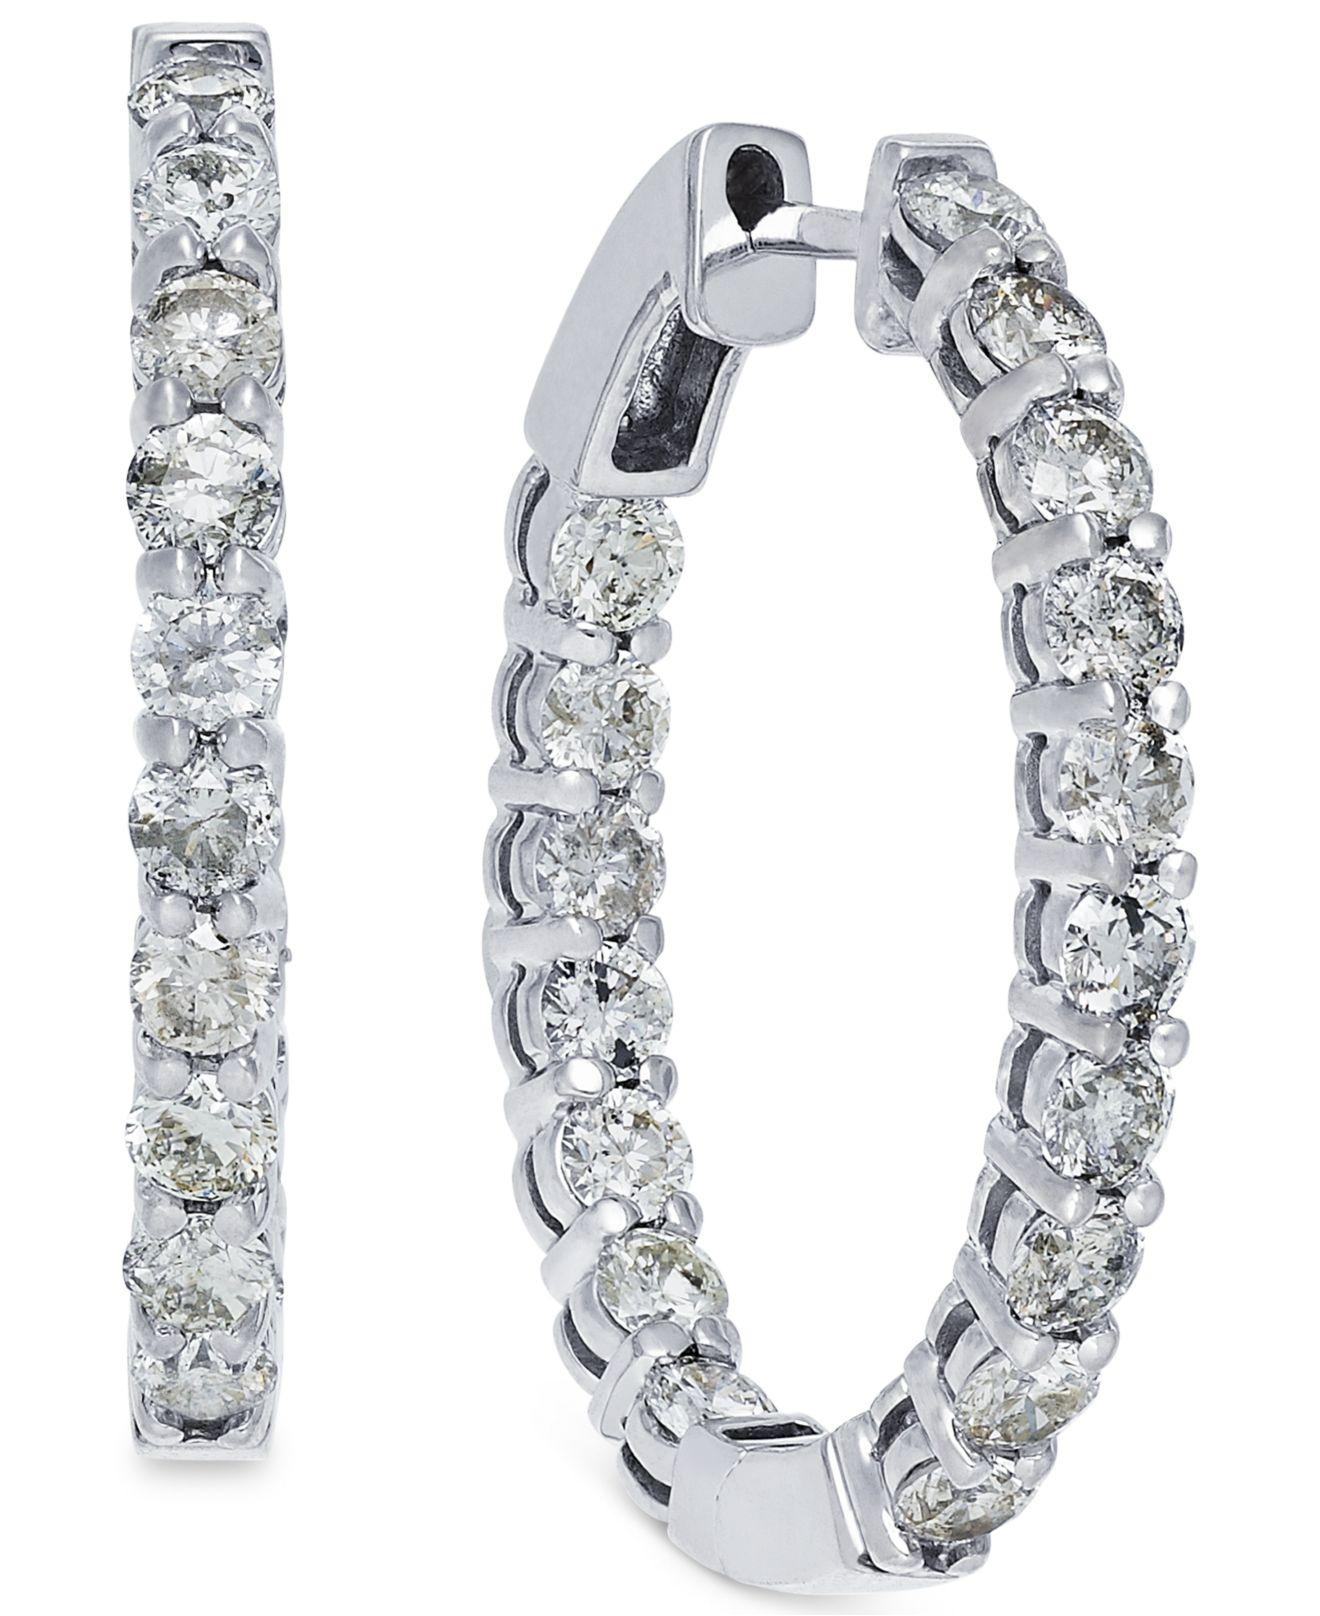 c92699765 Macy's Us Diamond Hoop Earrings In 10K White Gold (4 Ct. T.W.) in